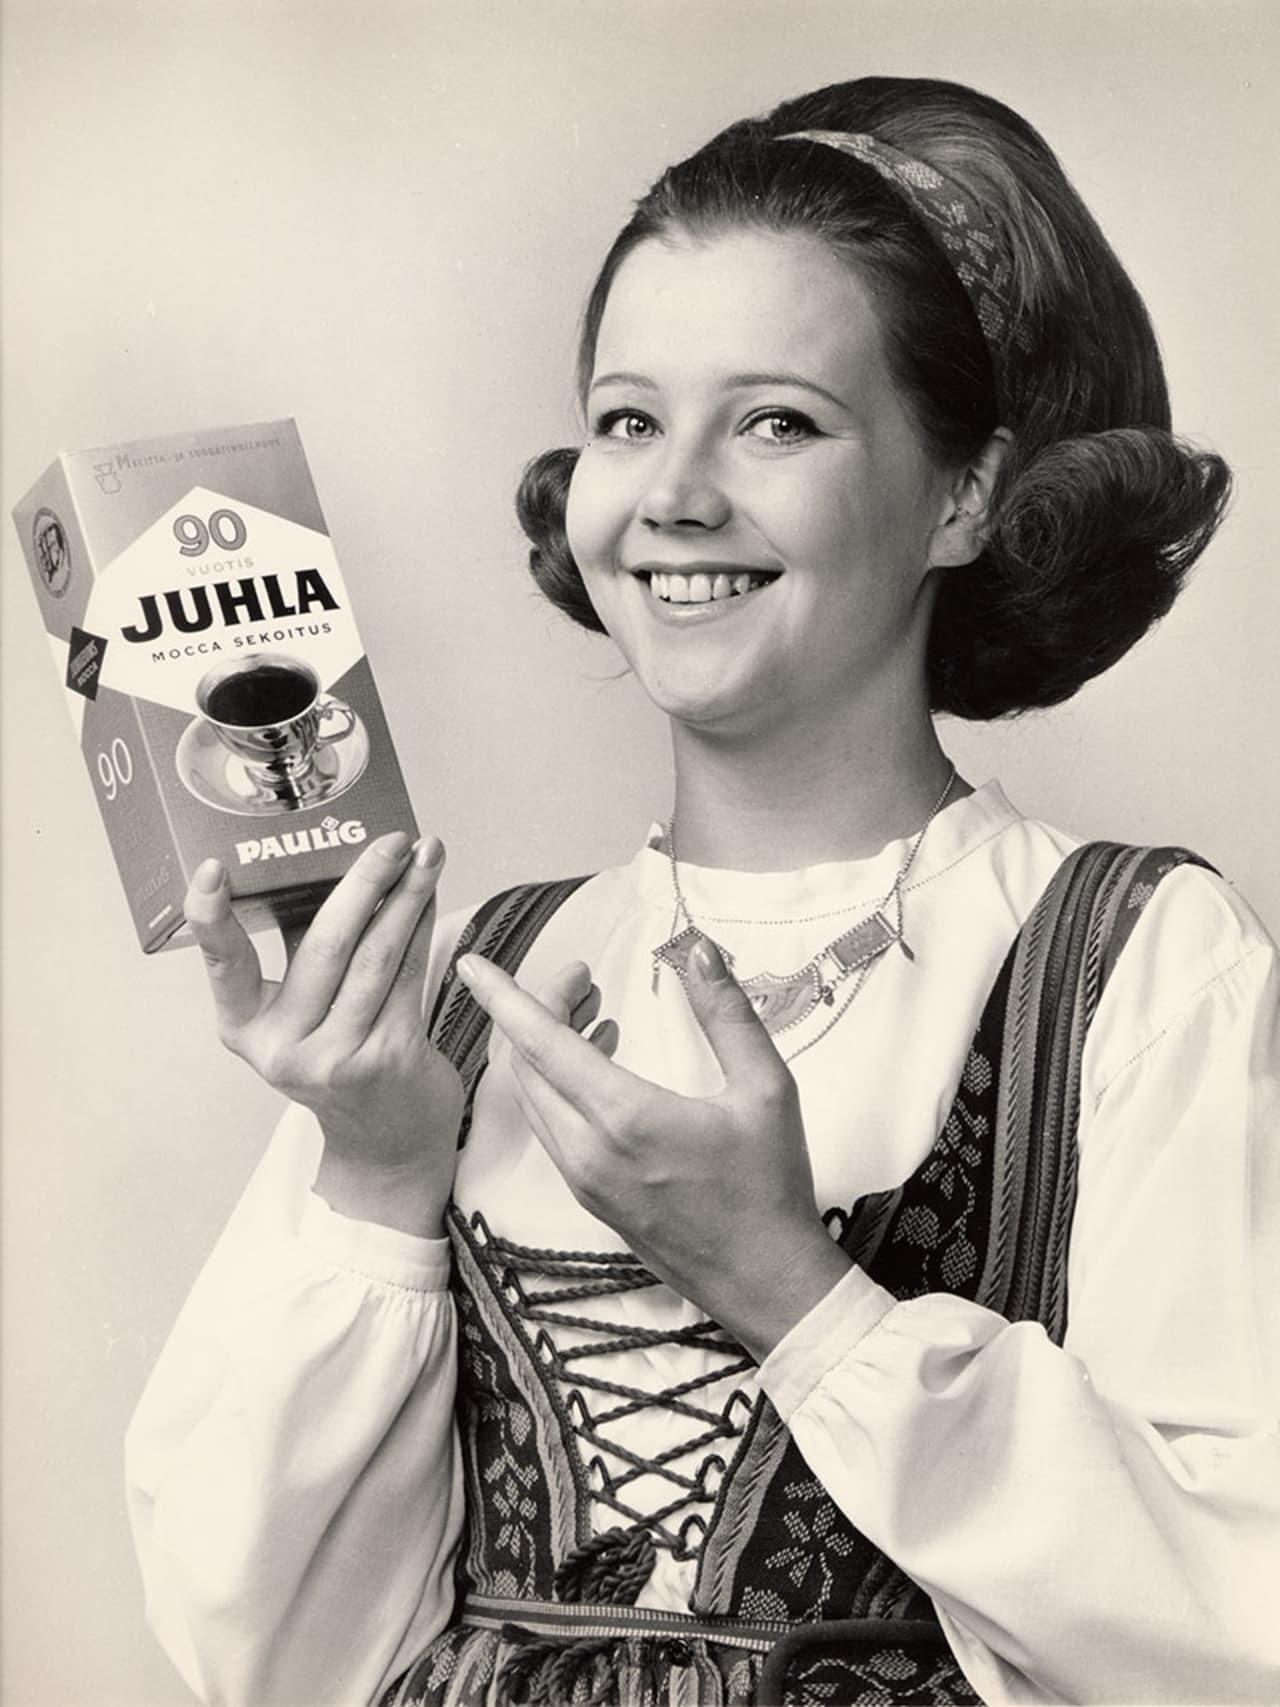 1931- Juhla-mokka